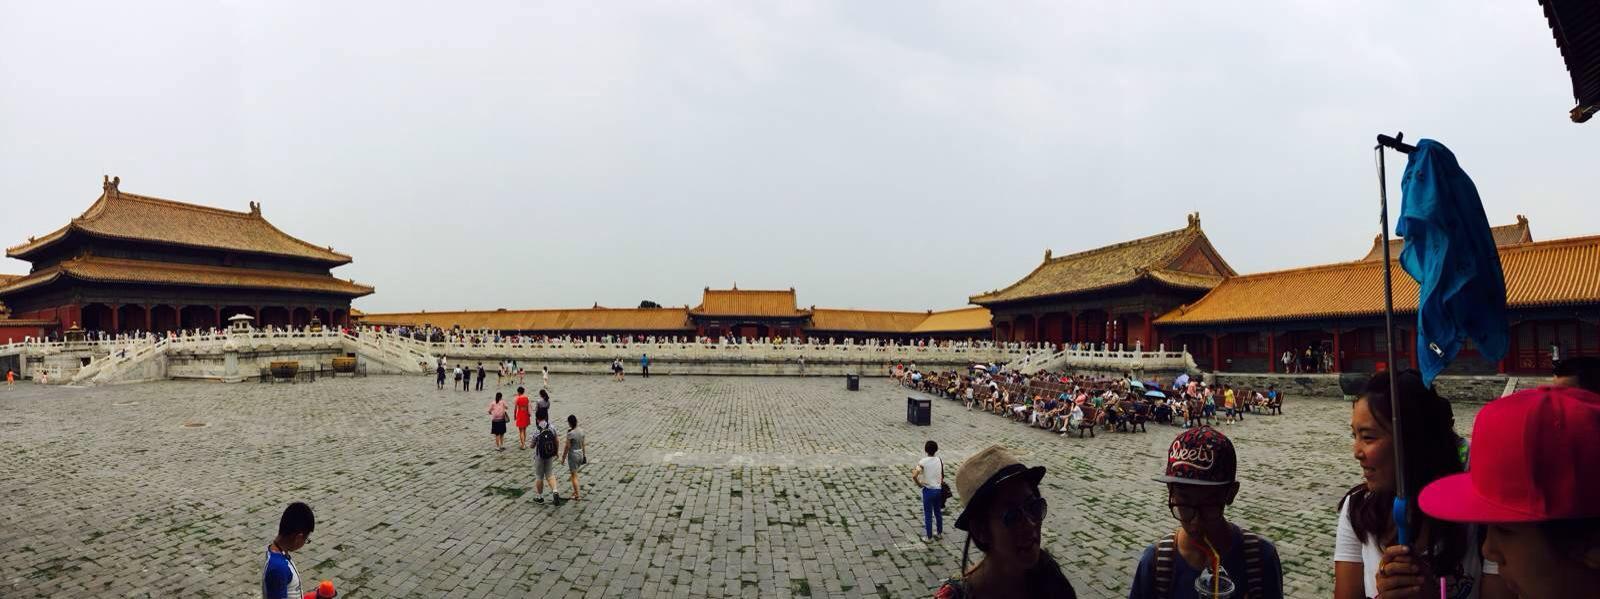 我北京天安门